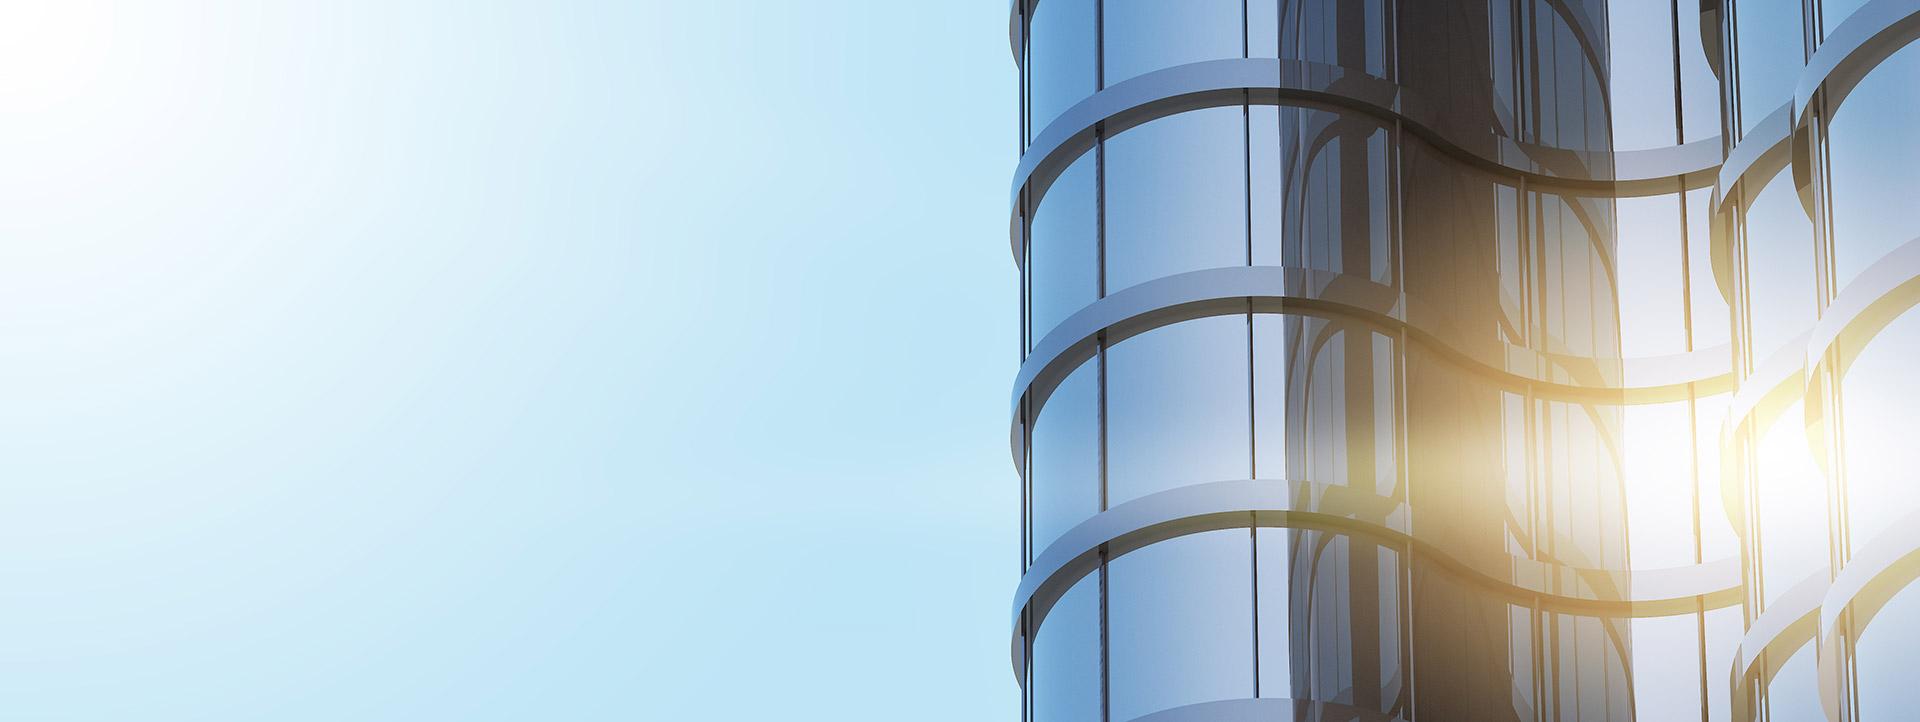 Η Πανελλήνια Ομοσπονδία Βιοτεχνών Αλουμινίου Σιδήρου έχει θέσει ως προτεραιότητα την πιστοποίηση τόσο των προσόντων του ανθρώπινου δυναμικού, όσο και των προϊόντων και υπηρεσιών που προσφέρουν οι επιχειρήσεις του κλάδου.